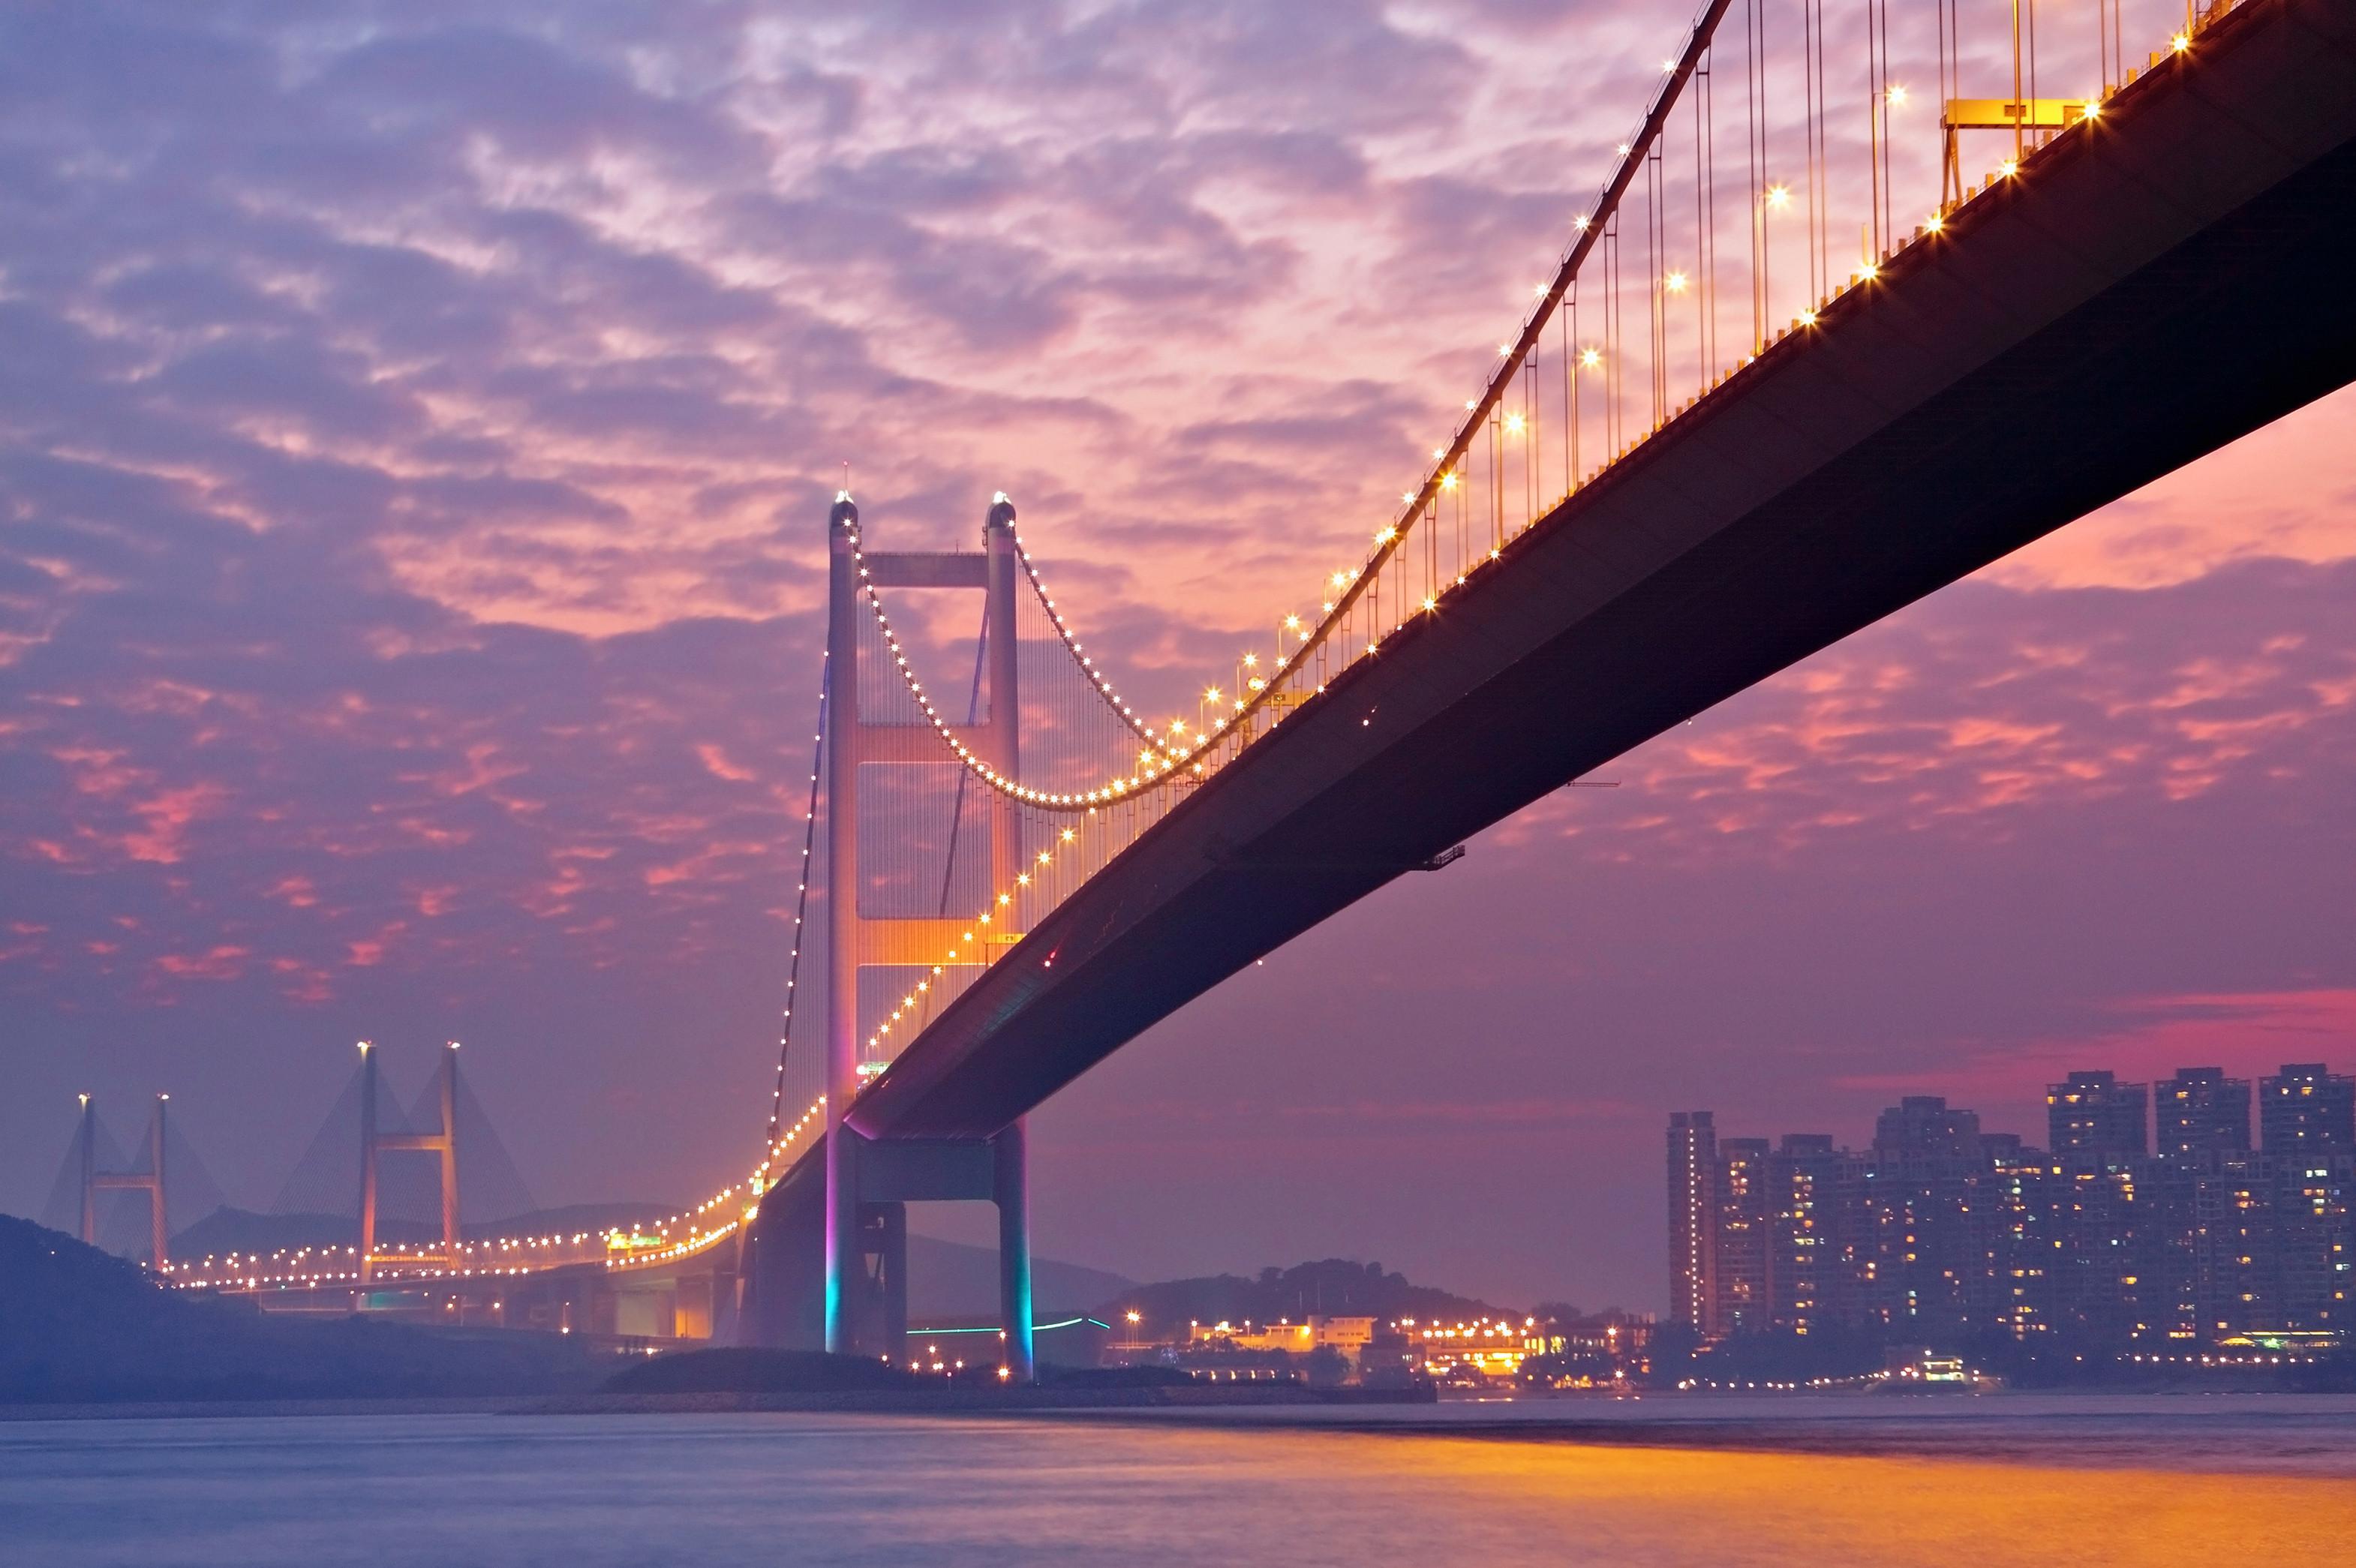 珠海市区+港珠澳大桥1日跟团游